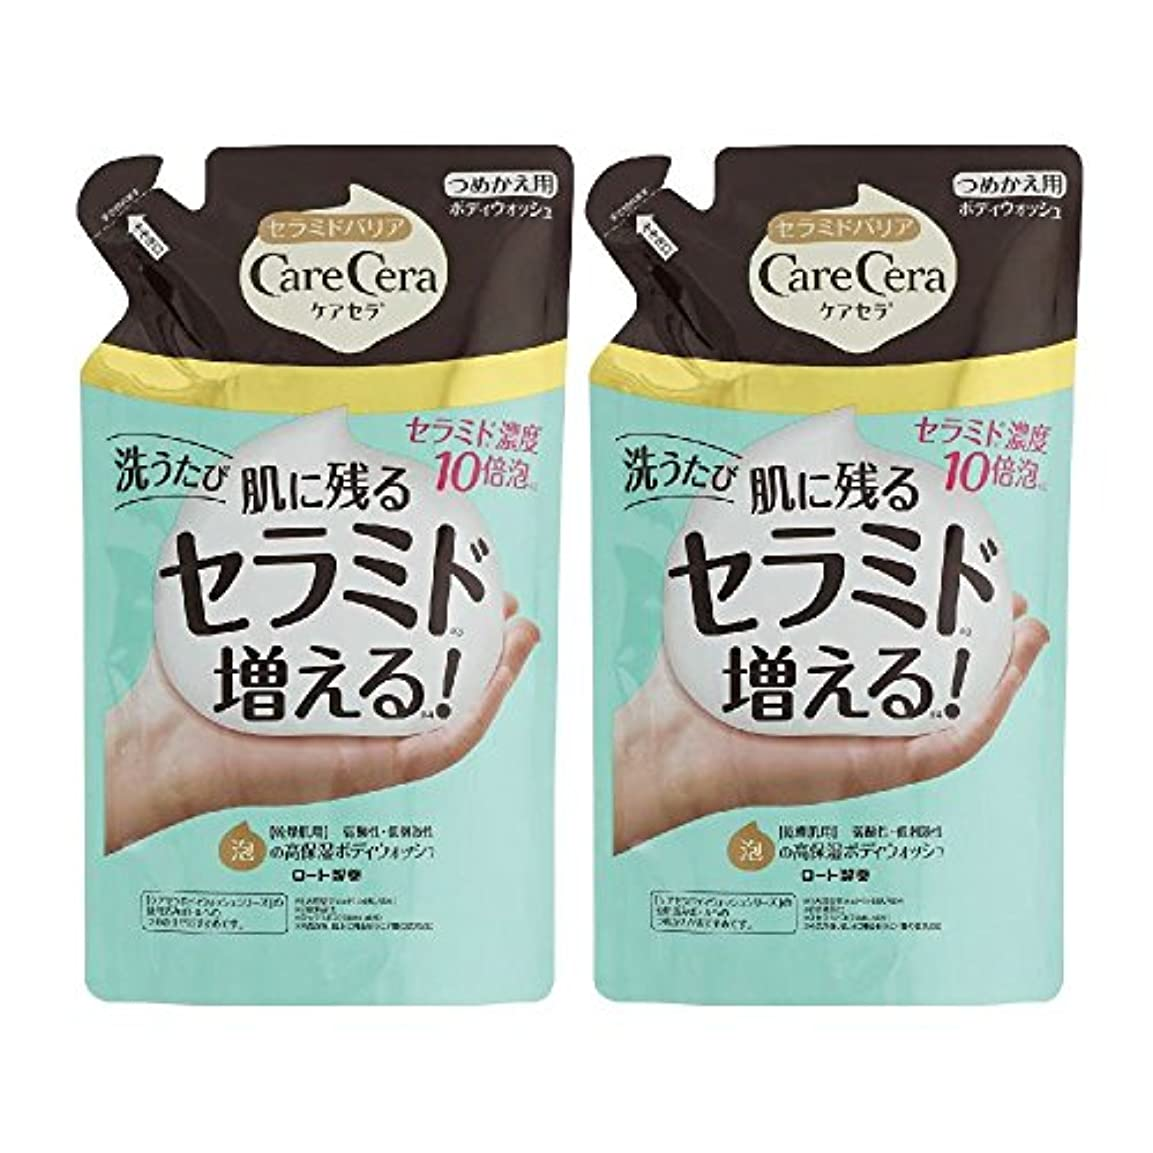 ミットネックレット減少ケアセラ (CareCera) 泡の高保湿 ボディウォッシュ ピュアフローラルの香り (つめかえ用) 350mL×2個 ※セバメドモイスチャーローション10mlサンプル付き